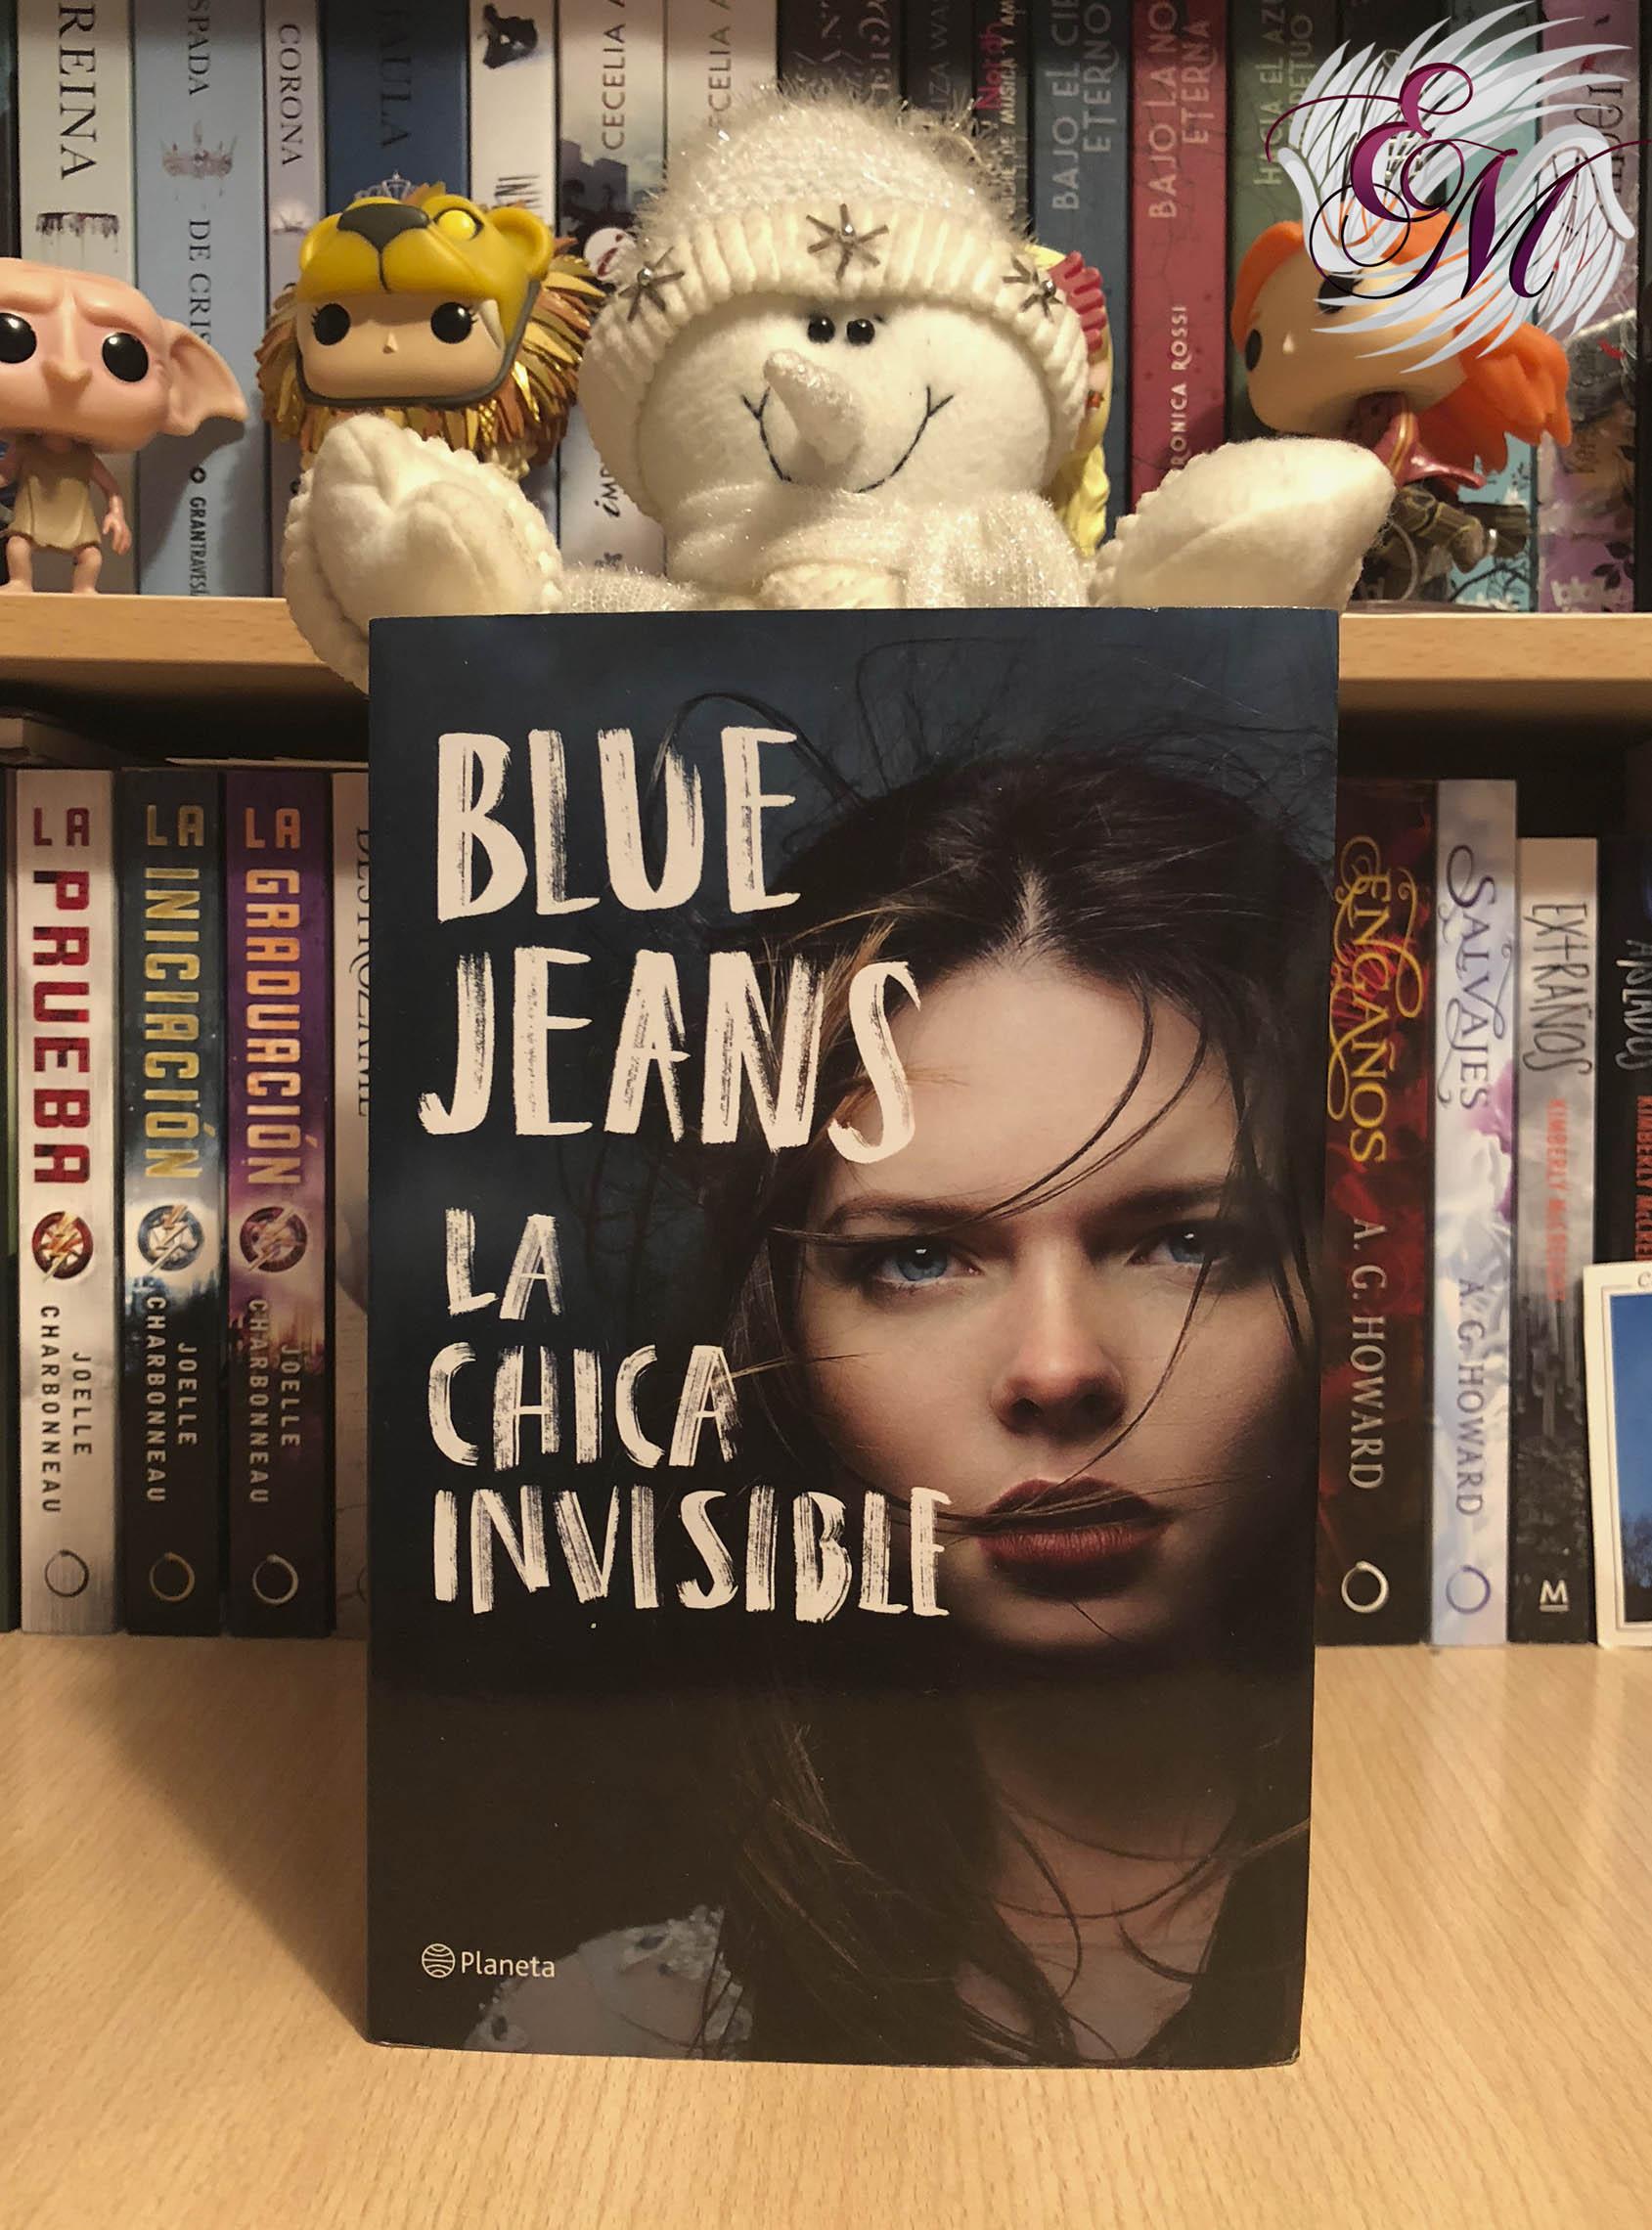 La chica invisible, de Blue Jeans - Reseña